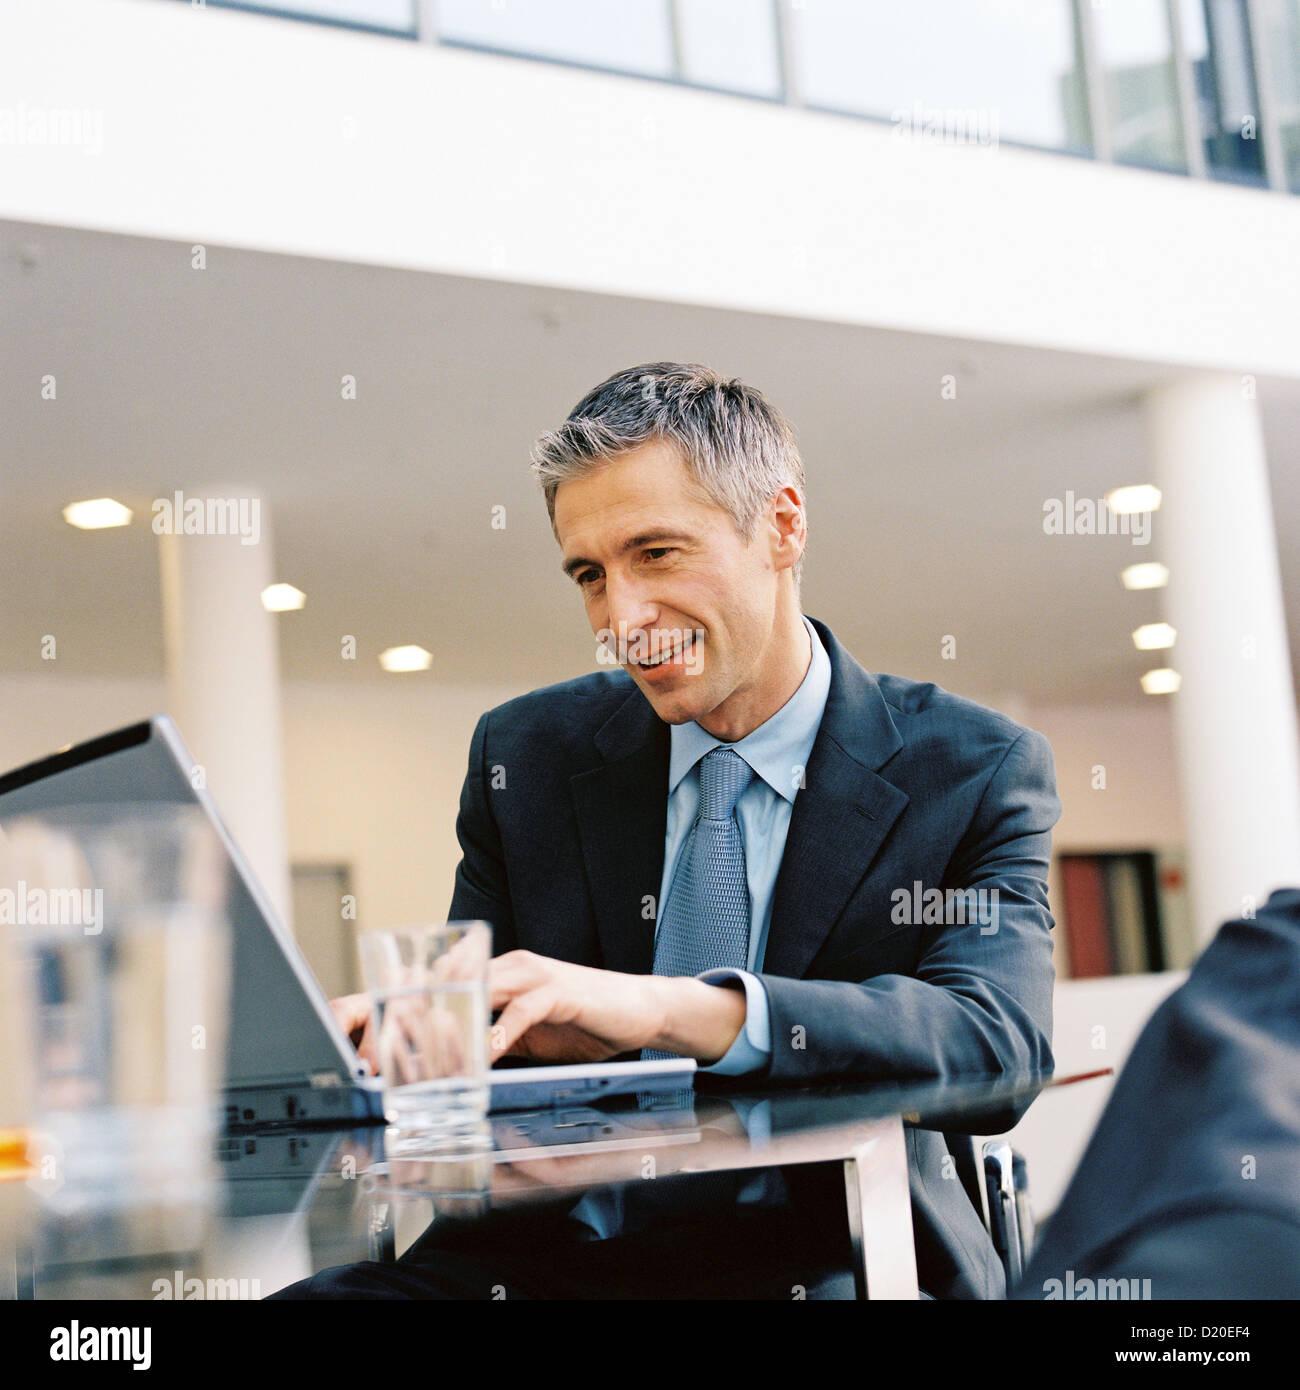 Ansicht der Geschäftsmann Laptop lizenzfrei außer anzeigen und Plakate anzeigen Stockbild